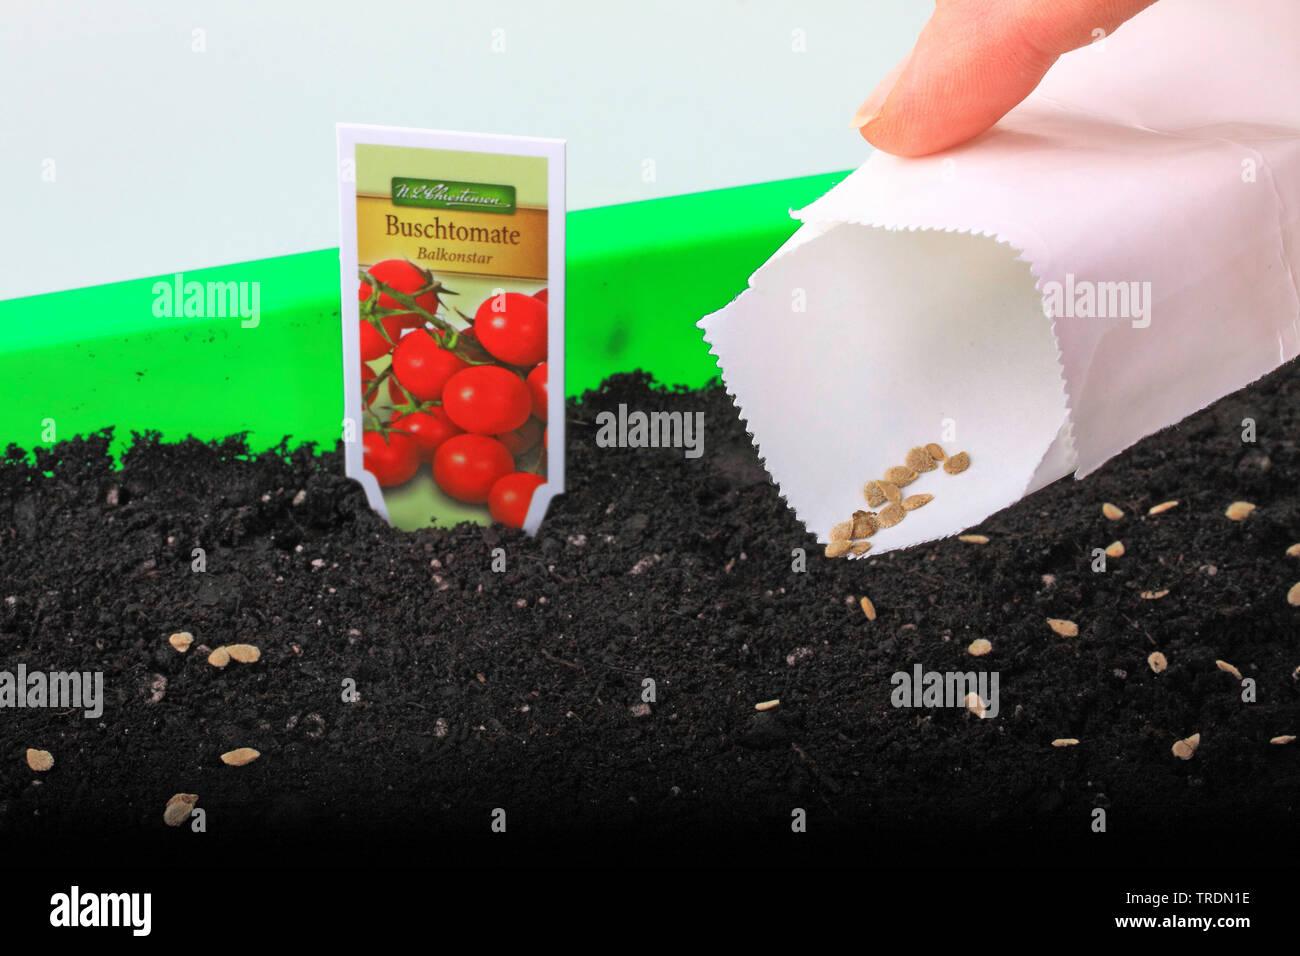 Tomate, Strauchtomate (Lycopersicon lycopersicum), Tomaten werden in einer Anzuchtschale ausgesaet, Deutschland | tomato (Lycopersicon lycopersicum), - Stock Image